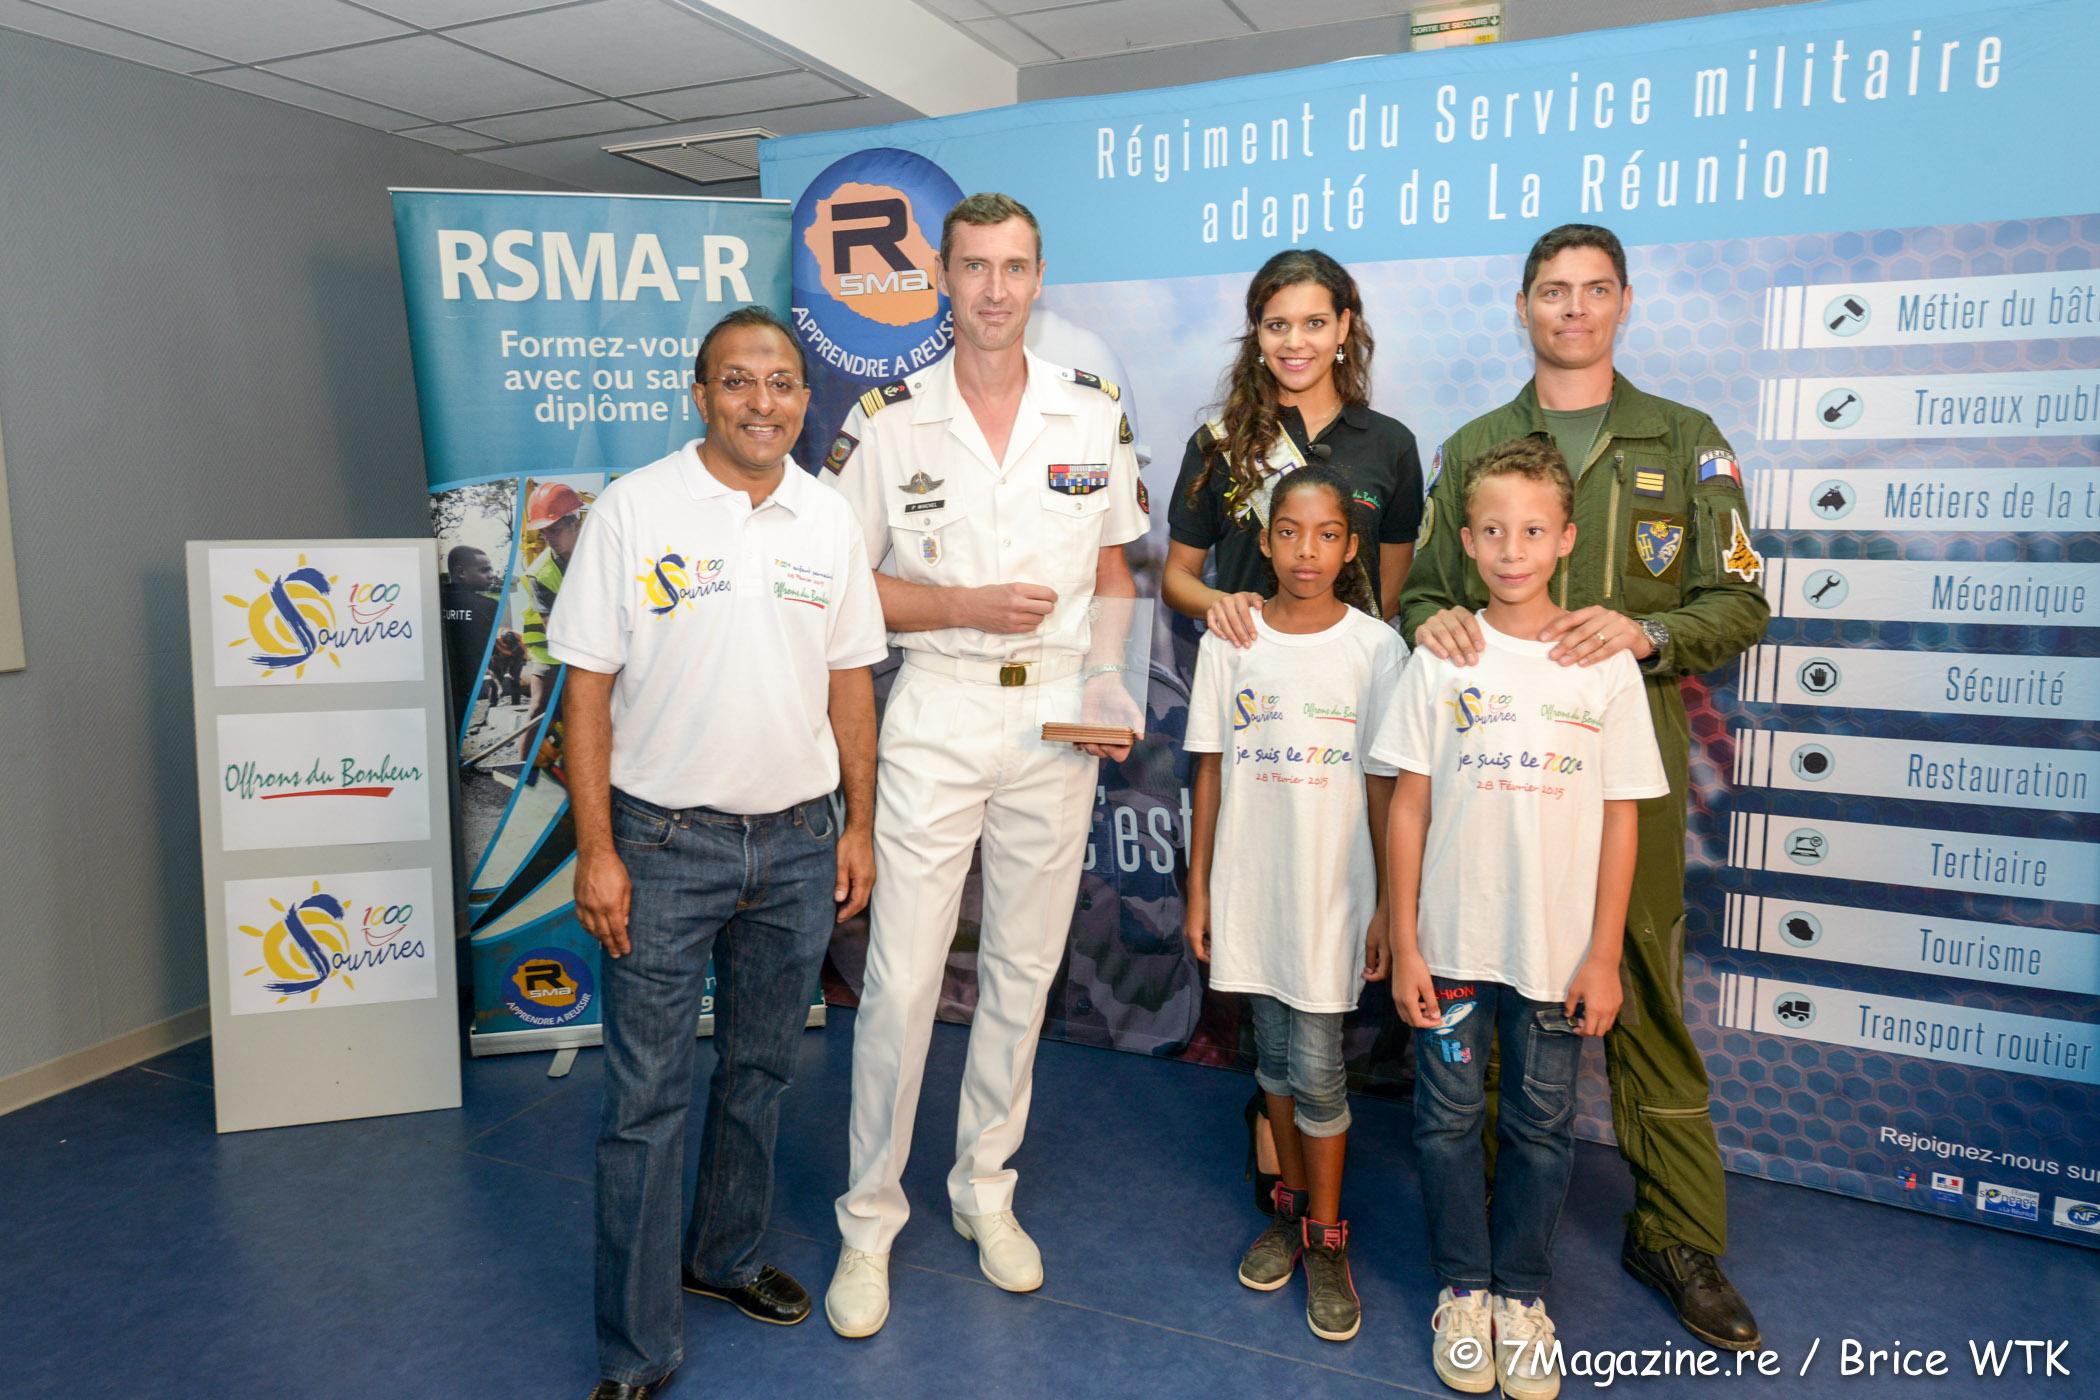 1000 Sourires au RSMA-R</br>7 000èmes enfants parrainés avec Vanille M'Doihoma et Sébastien Nativel